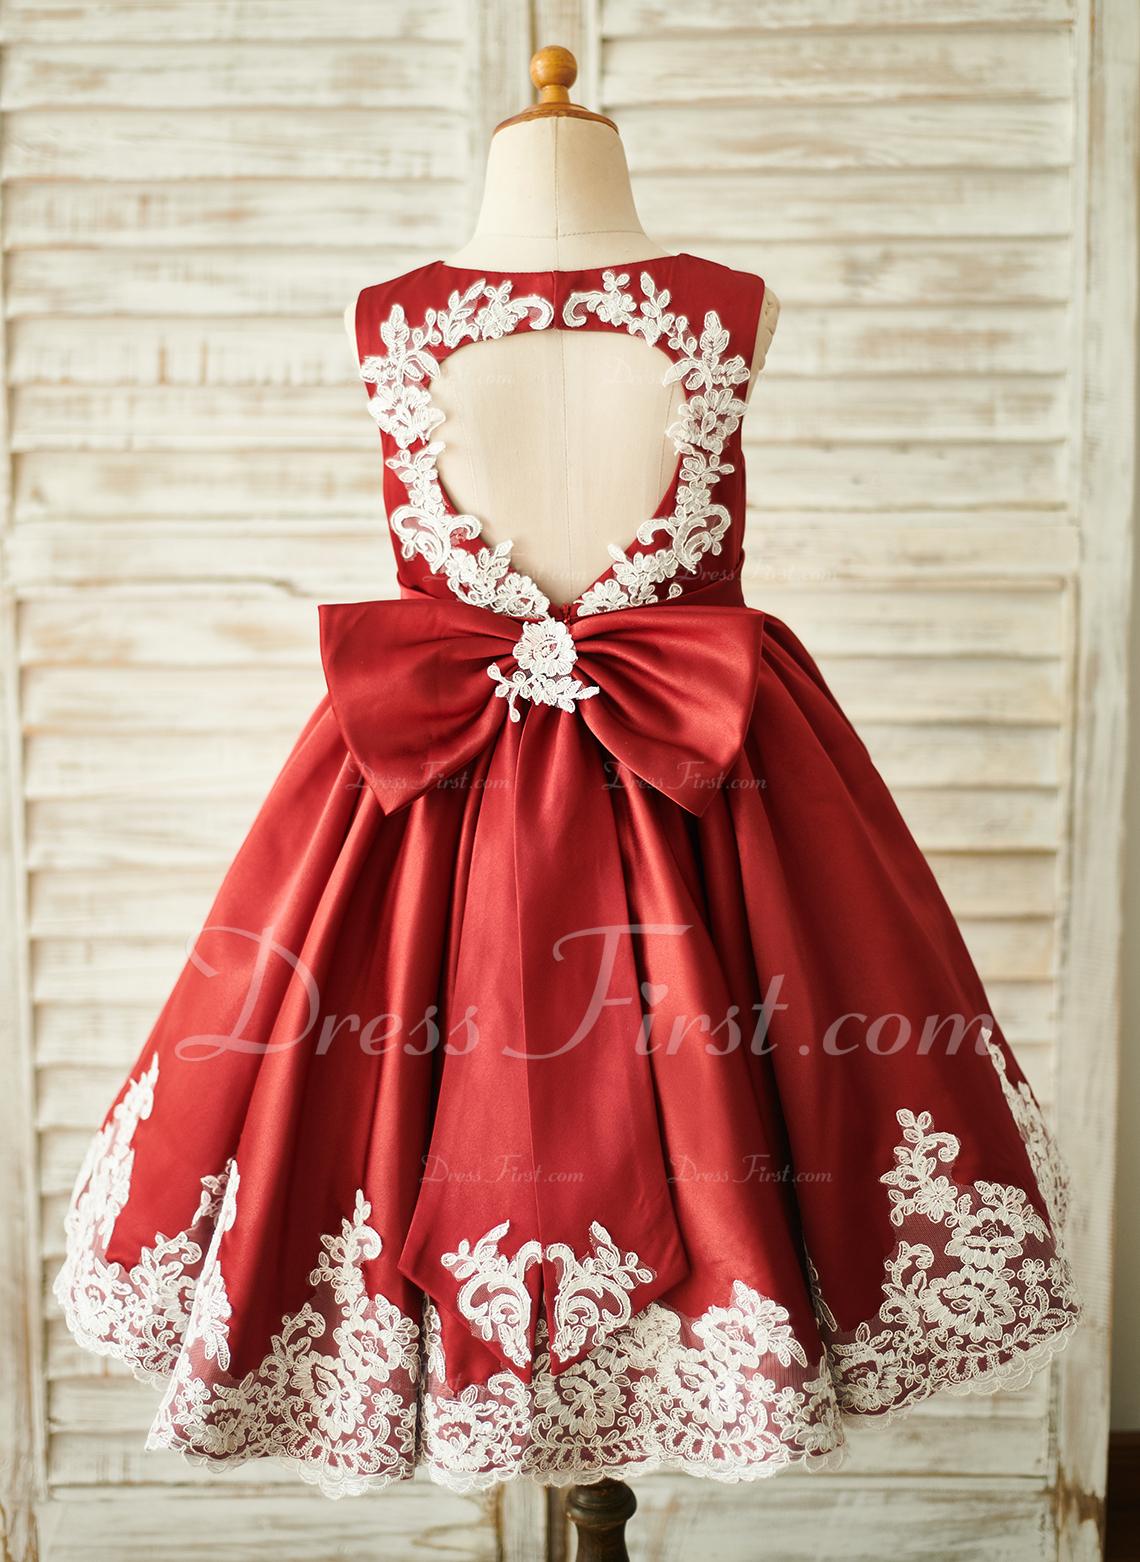 Aライン 膝上丈 フラワーガールのドレス - サテン/レース 袖なし スクープネック とともに バックホール